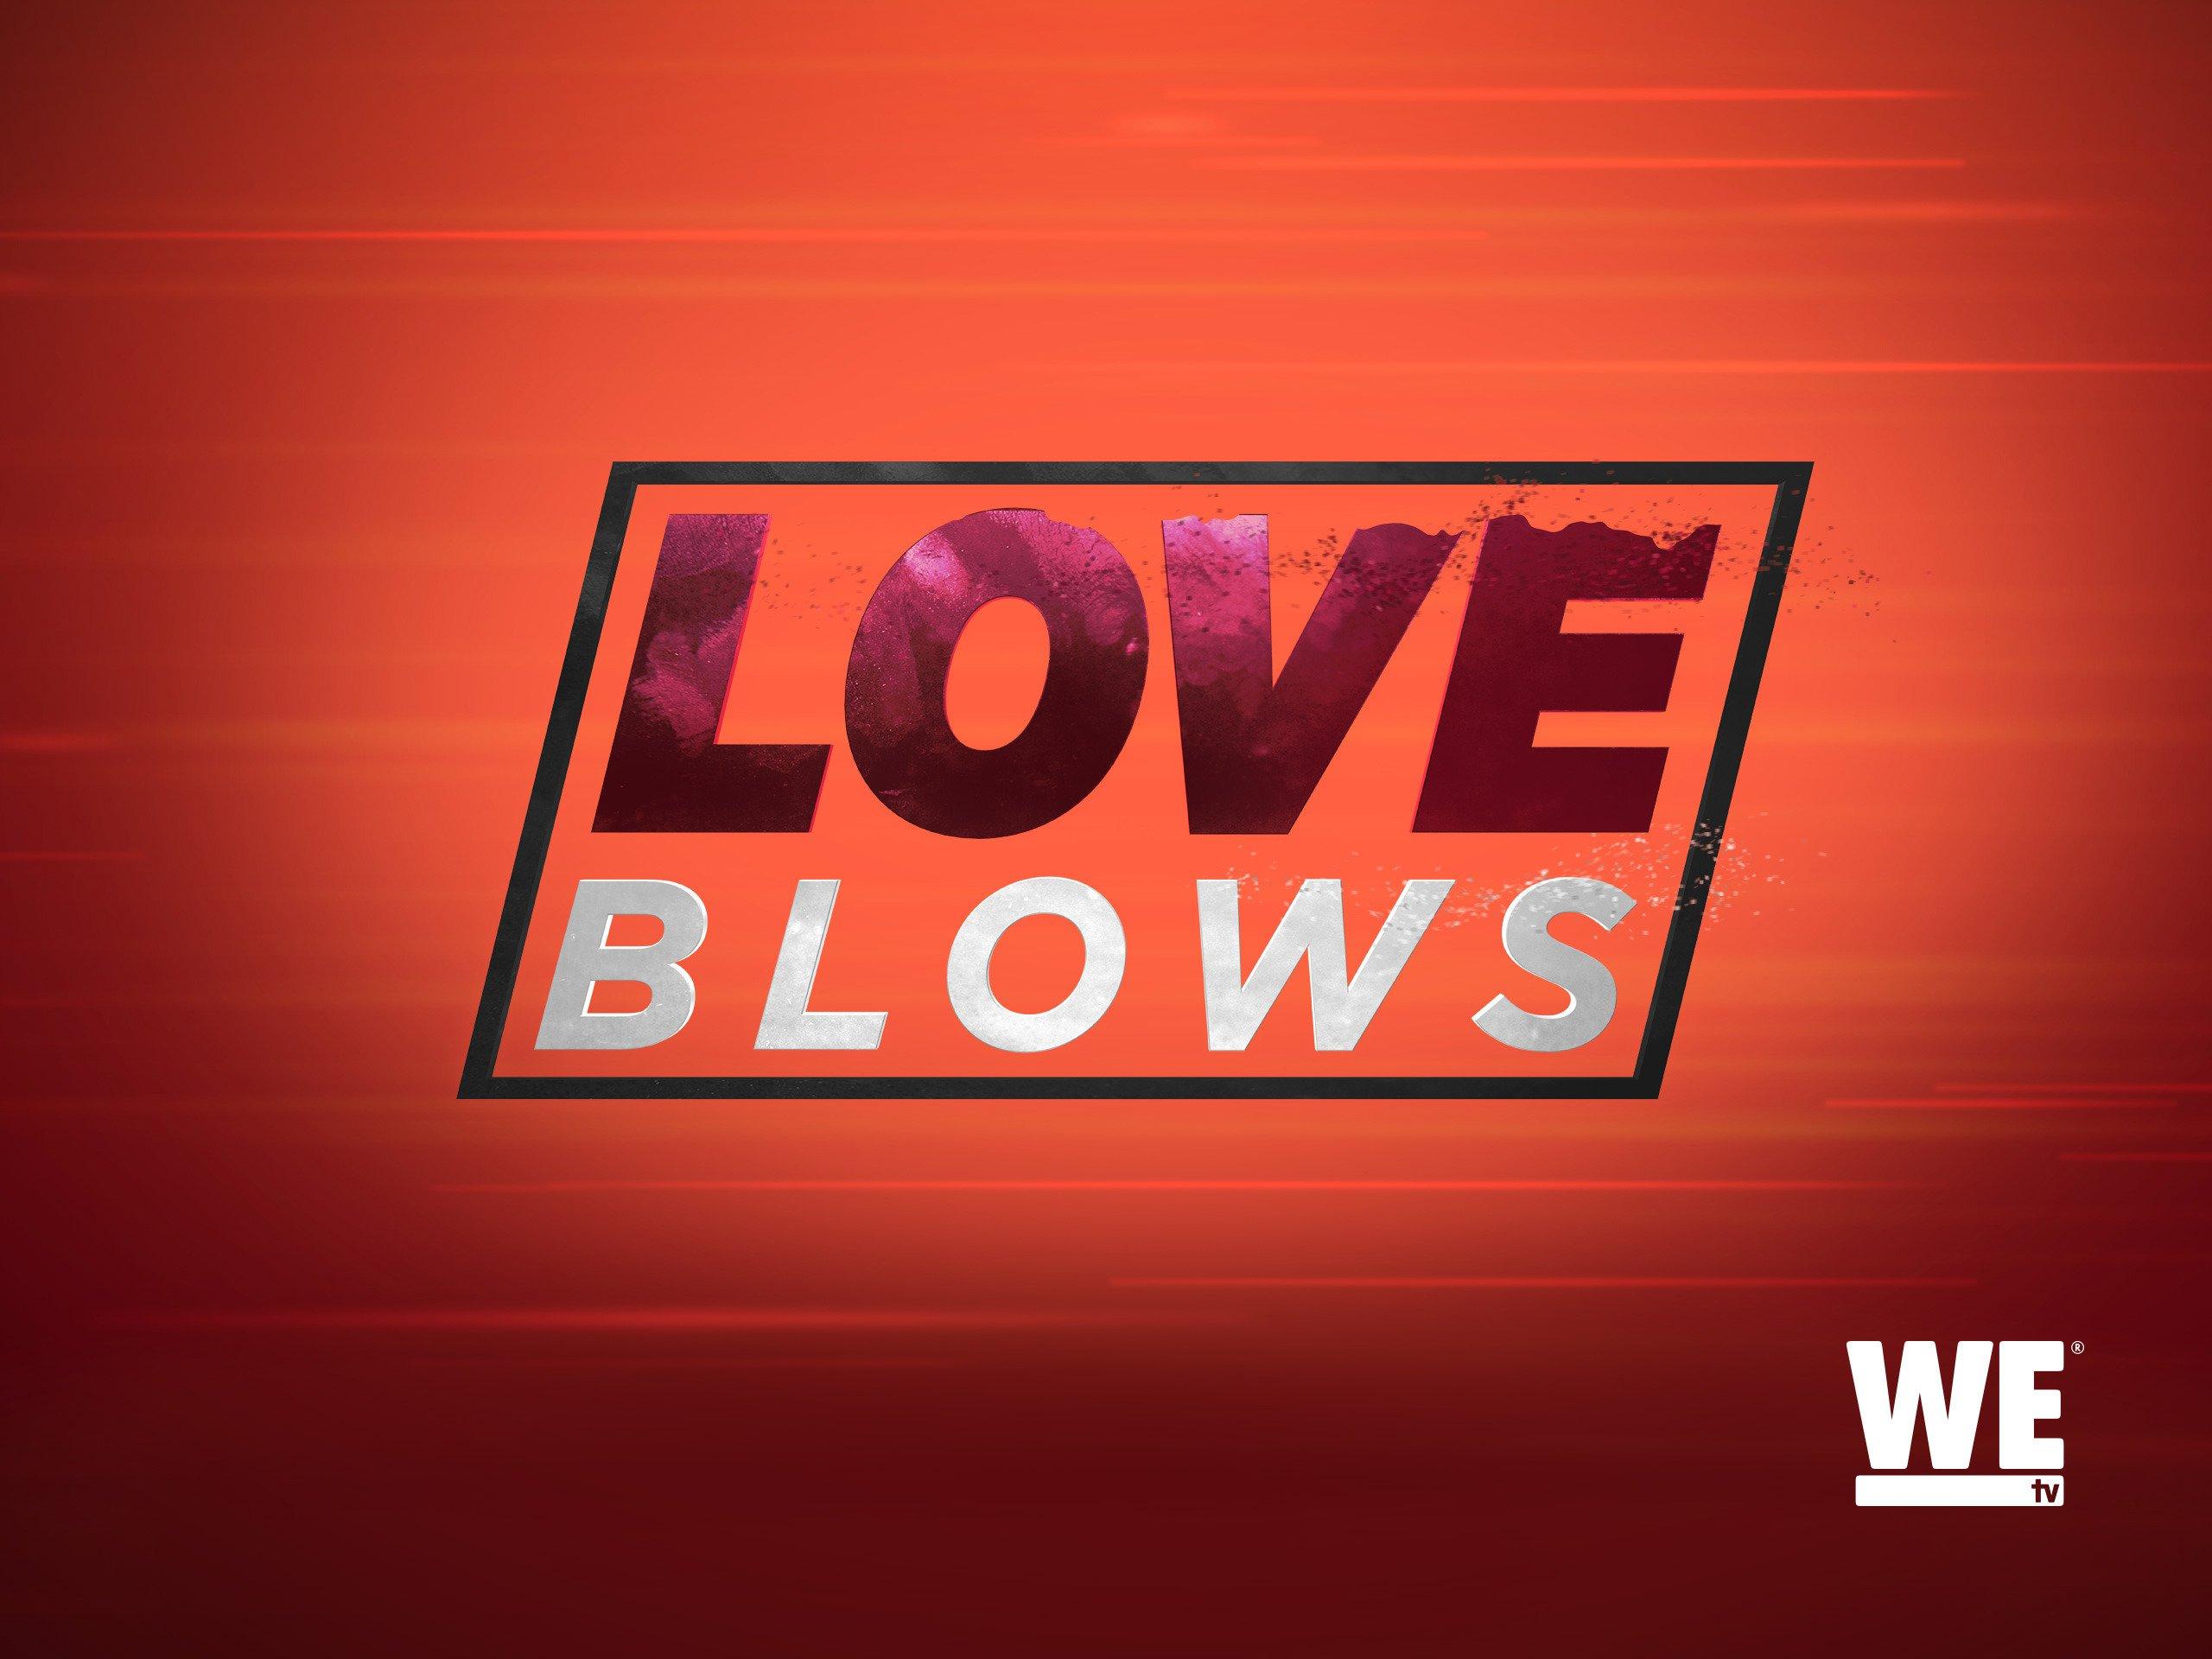 Lowe matchmaking emo incontri gratis